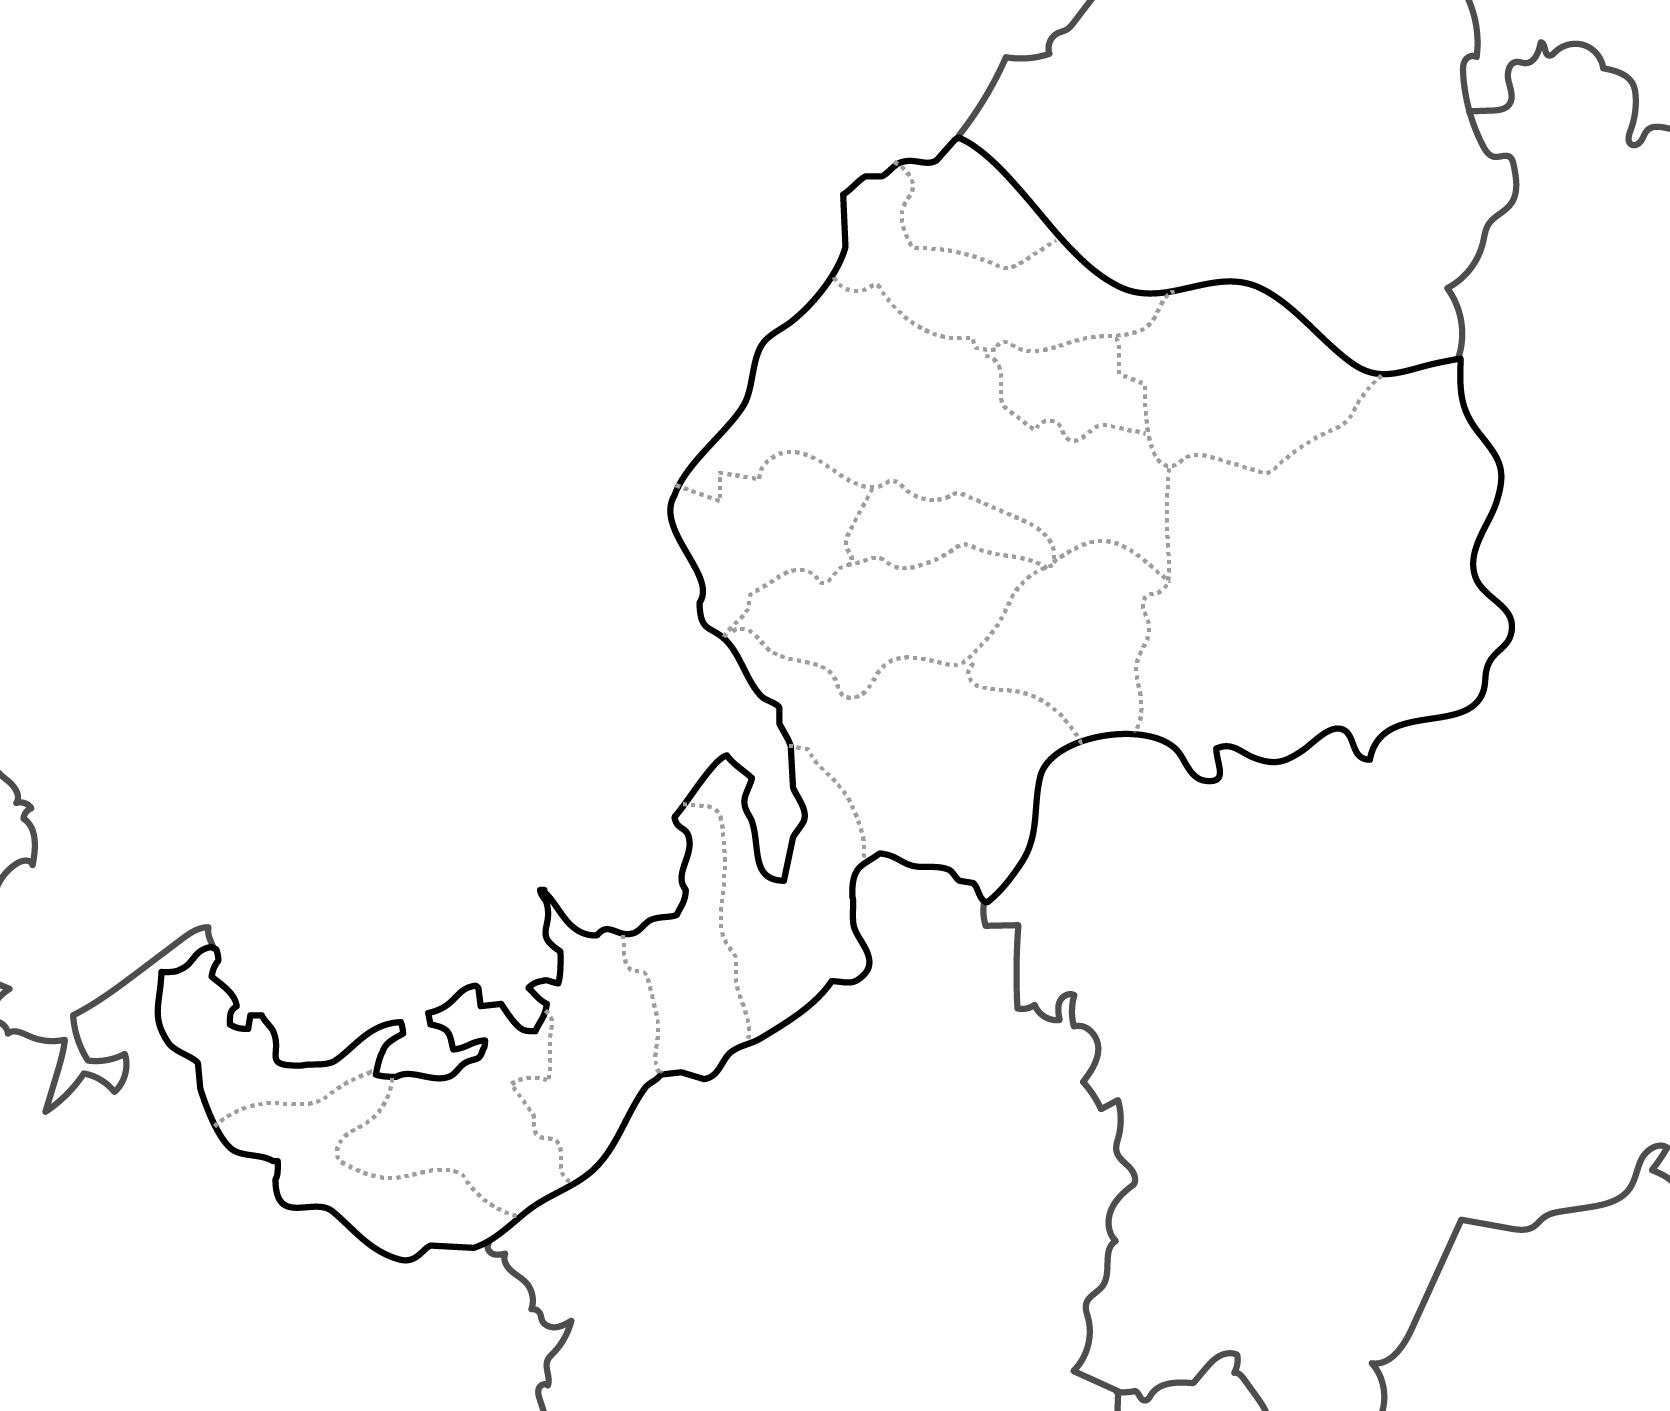 [白地図]福井県・ラインあり・市区町村名なし・隣県なし